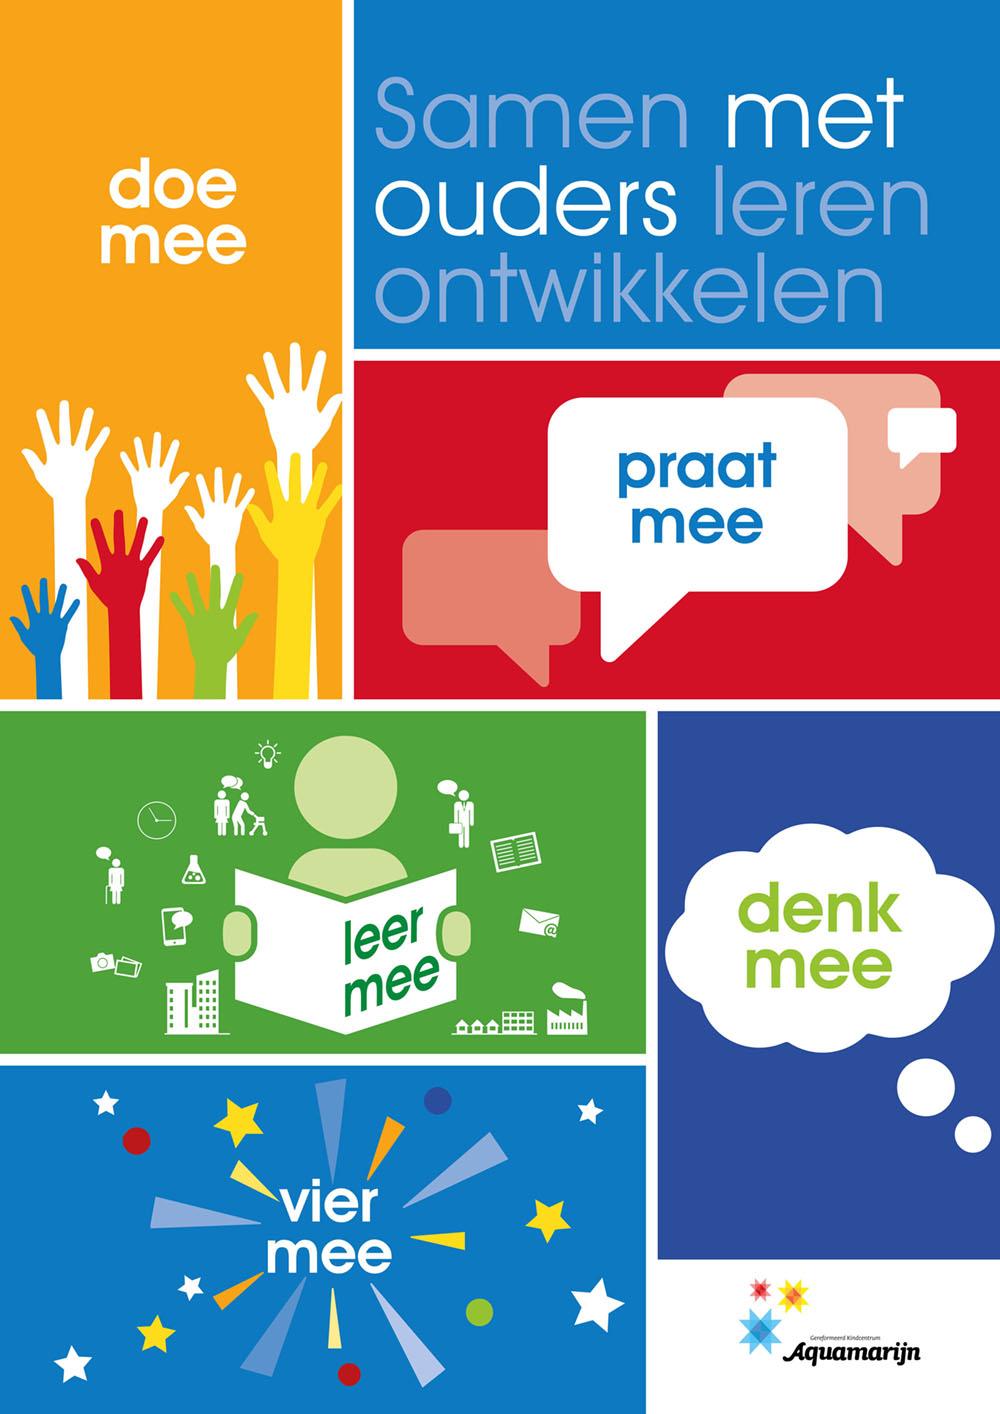 toekomstplannen-aquamarijn-posters4